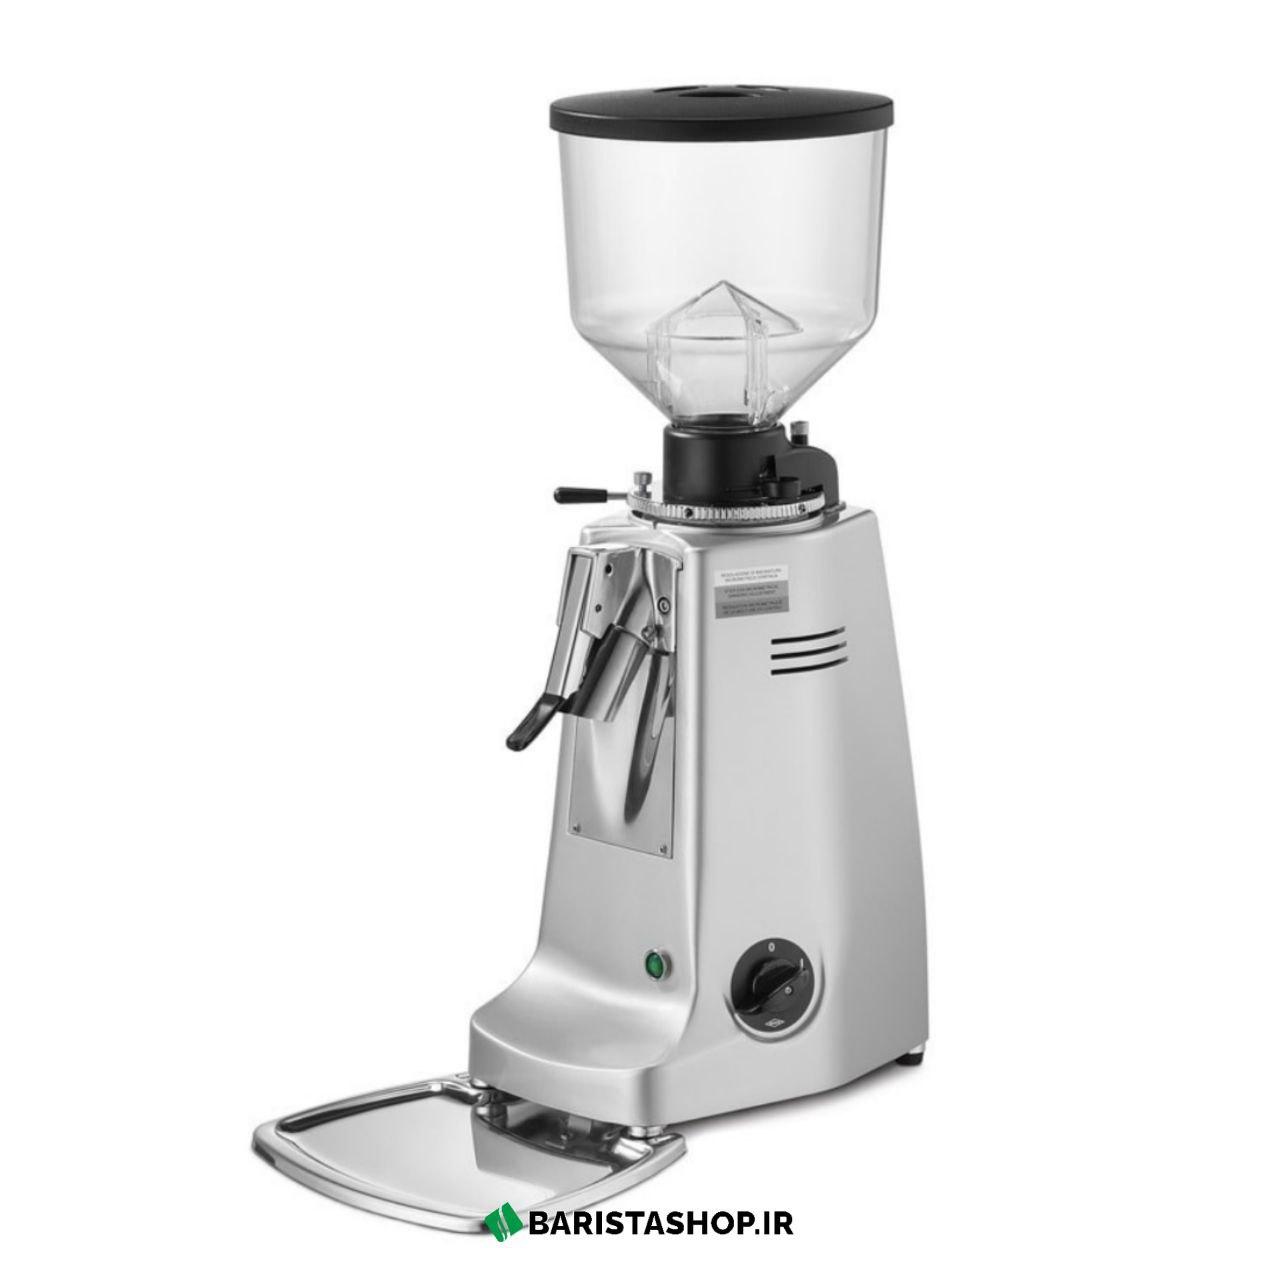 آسیاب قهوه مازر major